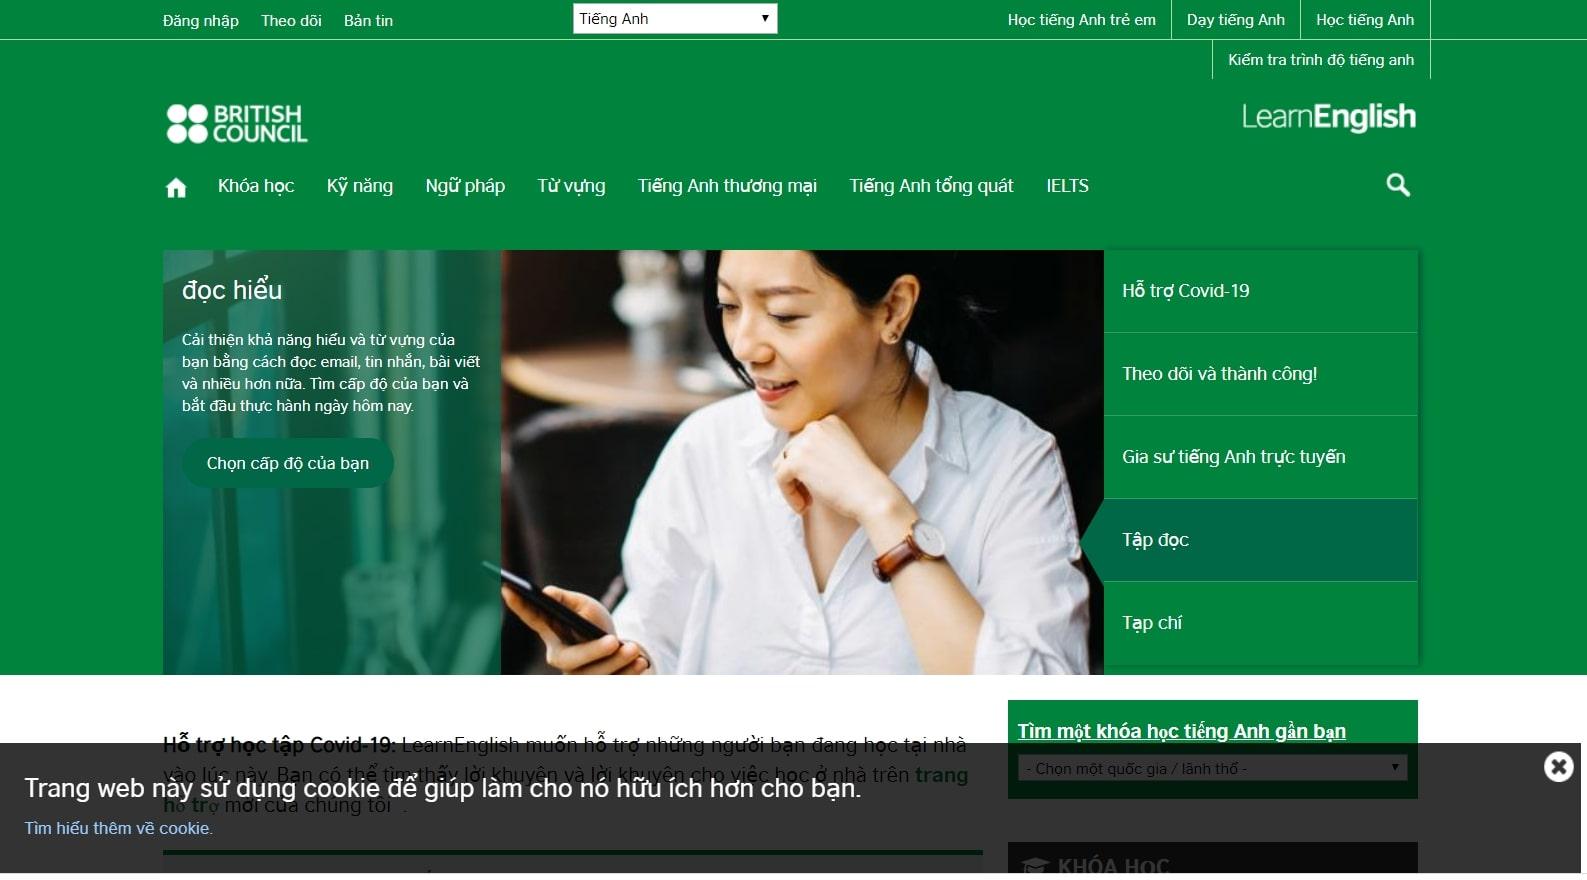 BBC Learning English hỗ trợ học tiếng anh hiệu quả